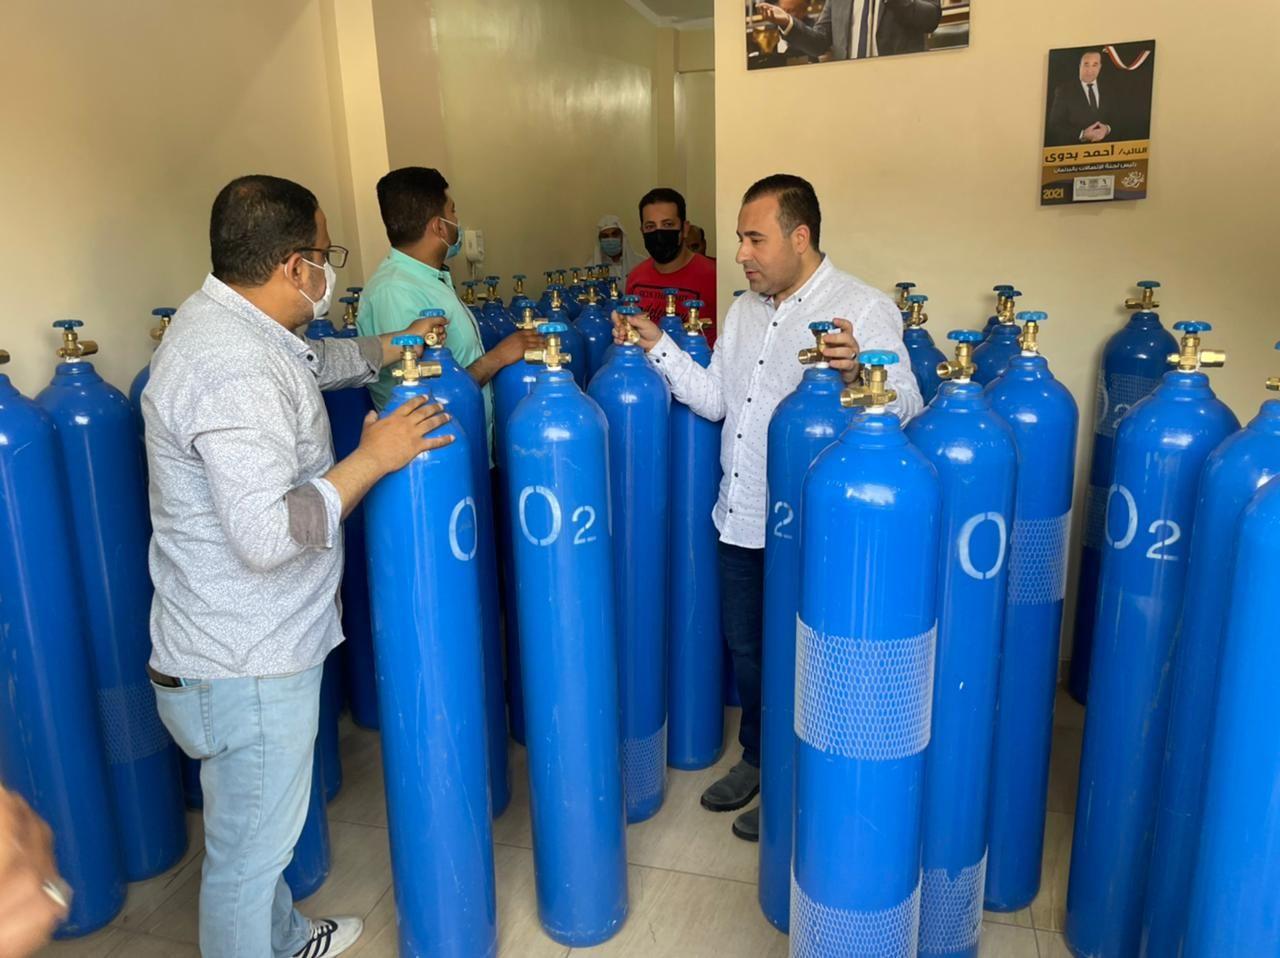 النائب أحمد بدوى يطلق مبادرة لتوفير أنابيب الأكسجين للمواطنين